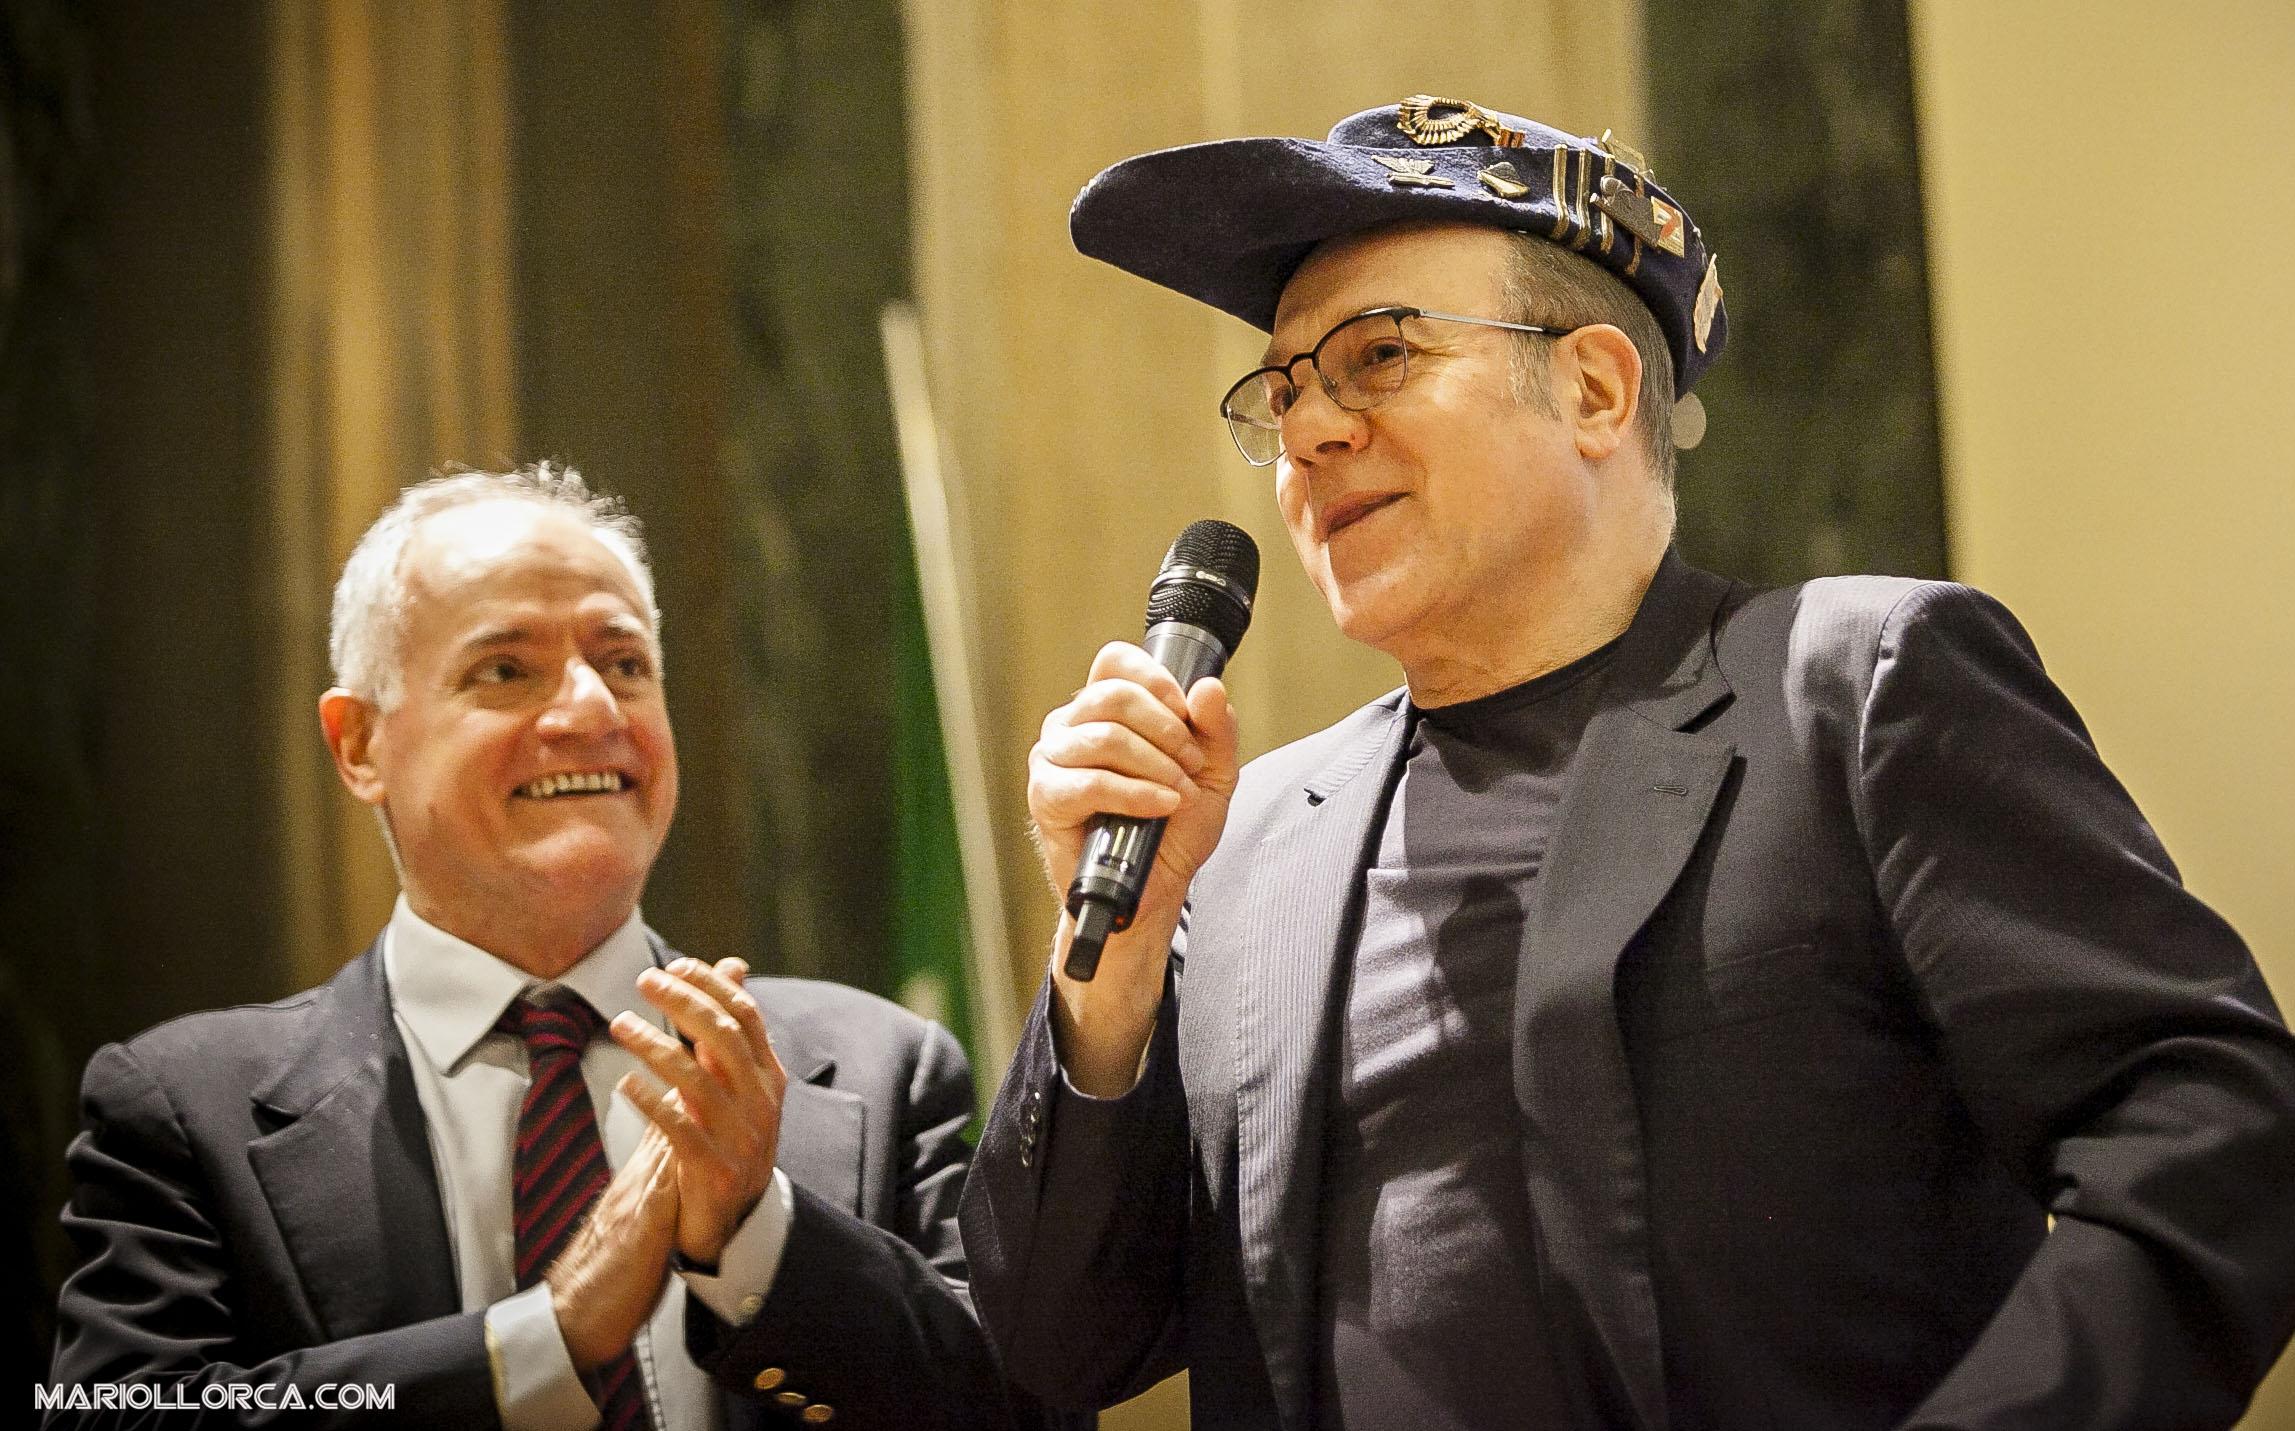 73. VERDONE. FOTO MARIO LLORCA. WEB MARIOLLORCA.COM